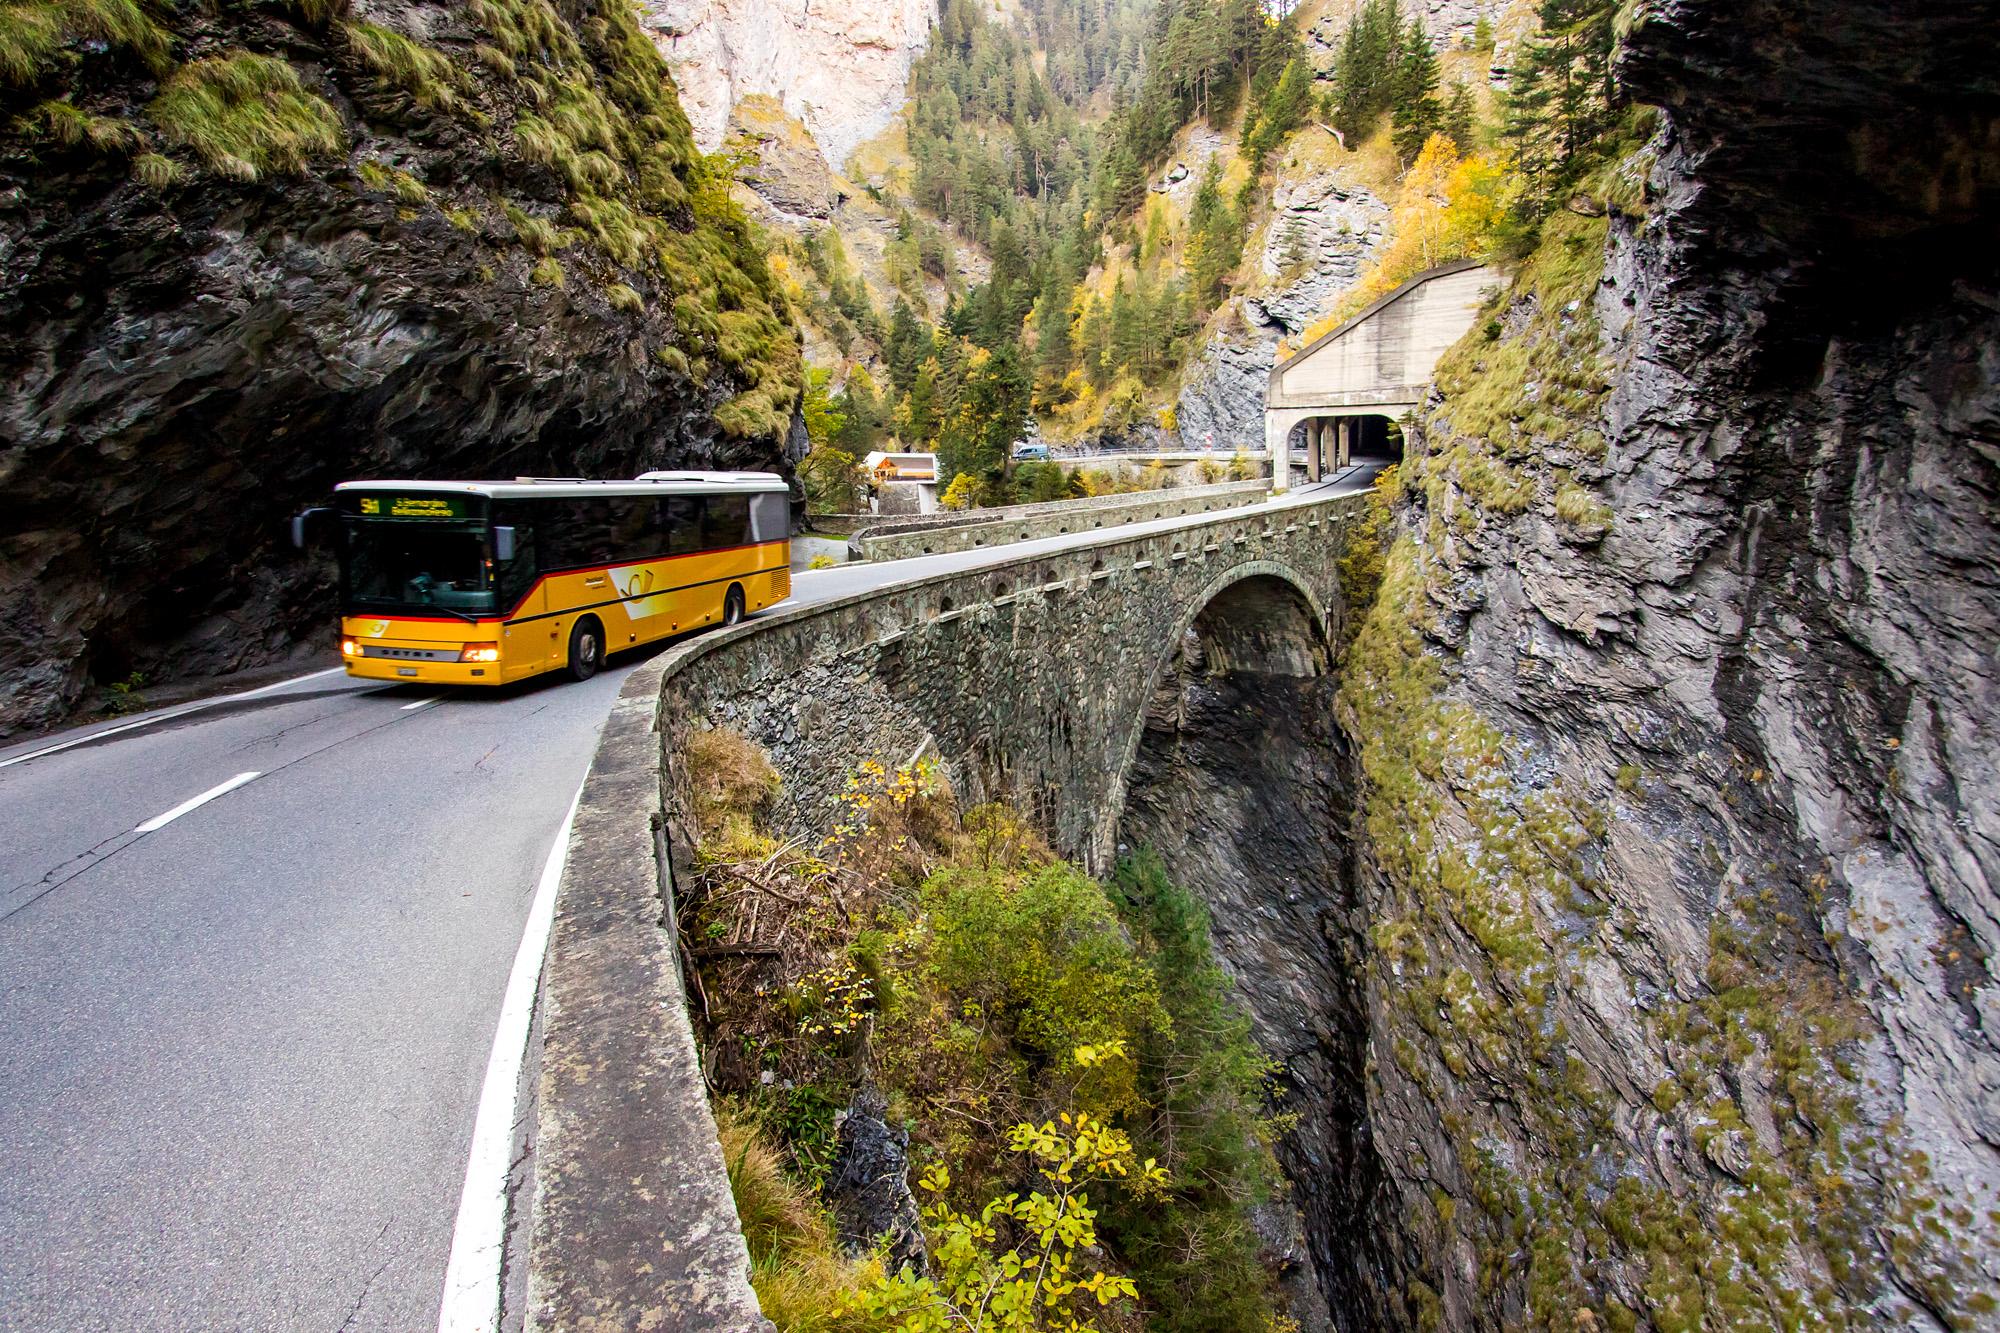 Fahrt durch die legendäre ViaMala-Schlucht